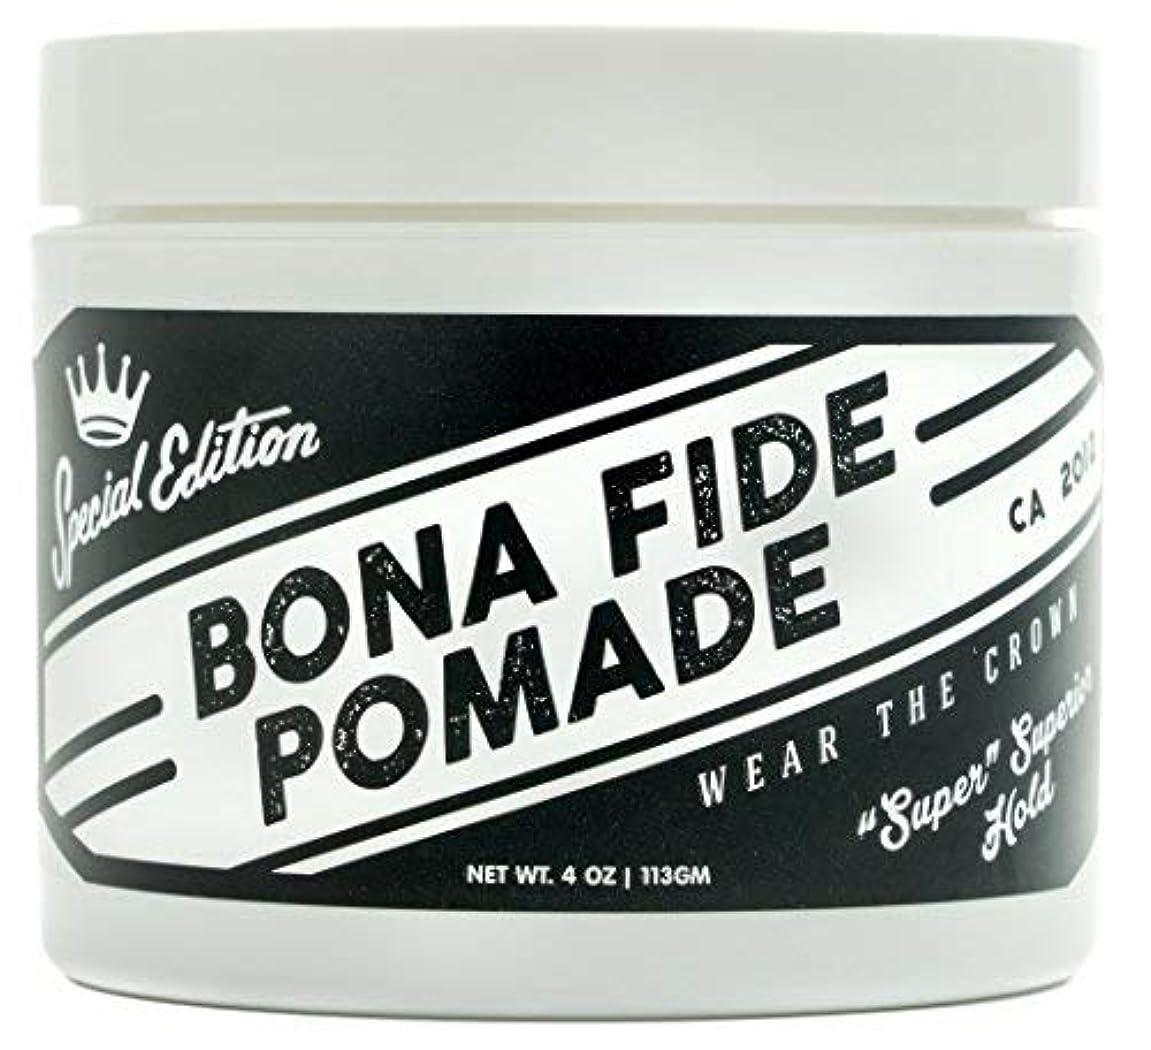 過激派優しいアニメーションBona Fide Pomade, スーパースーペリアホールドSE, 4OZ (113g)、水性ポマード/ヘアー グリース (整髪料)